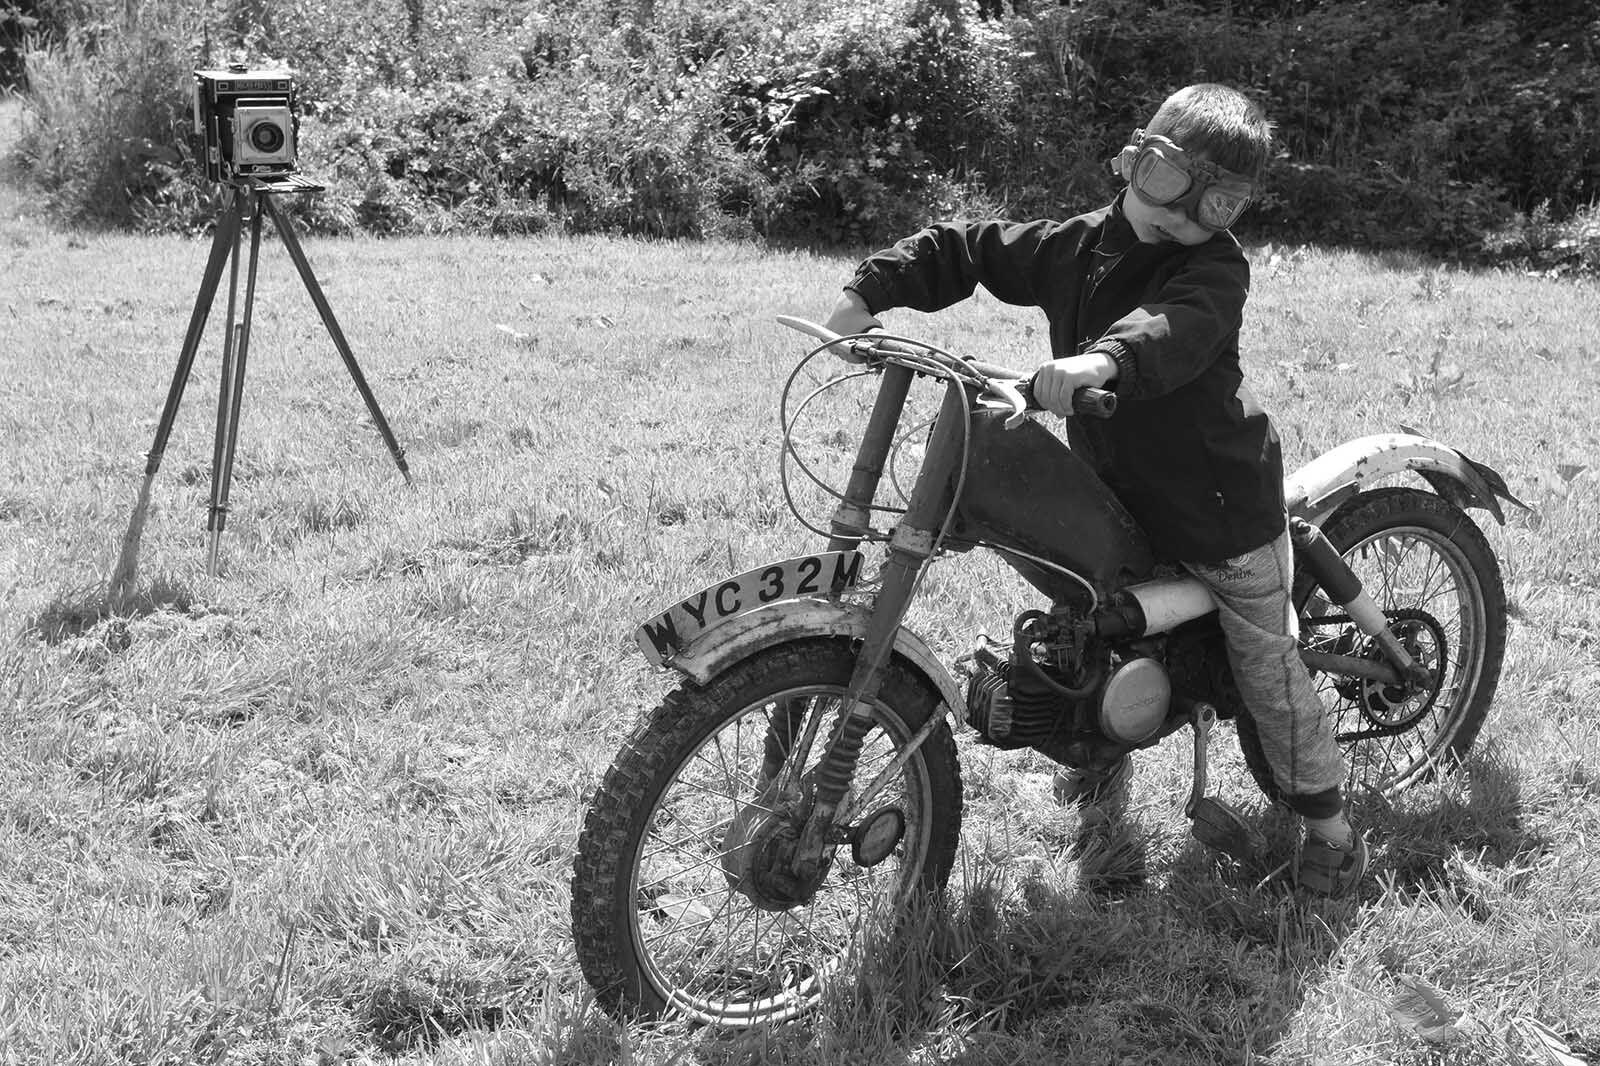 Young biker portrait